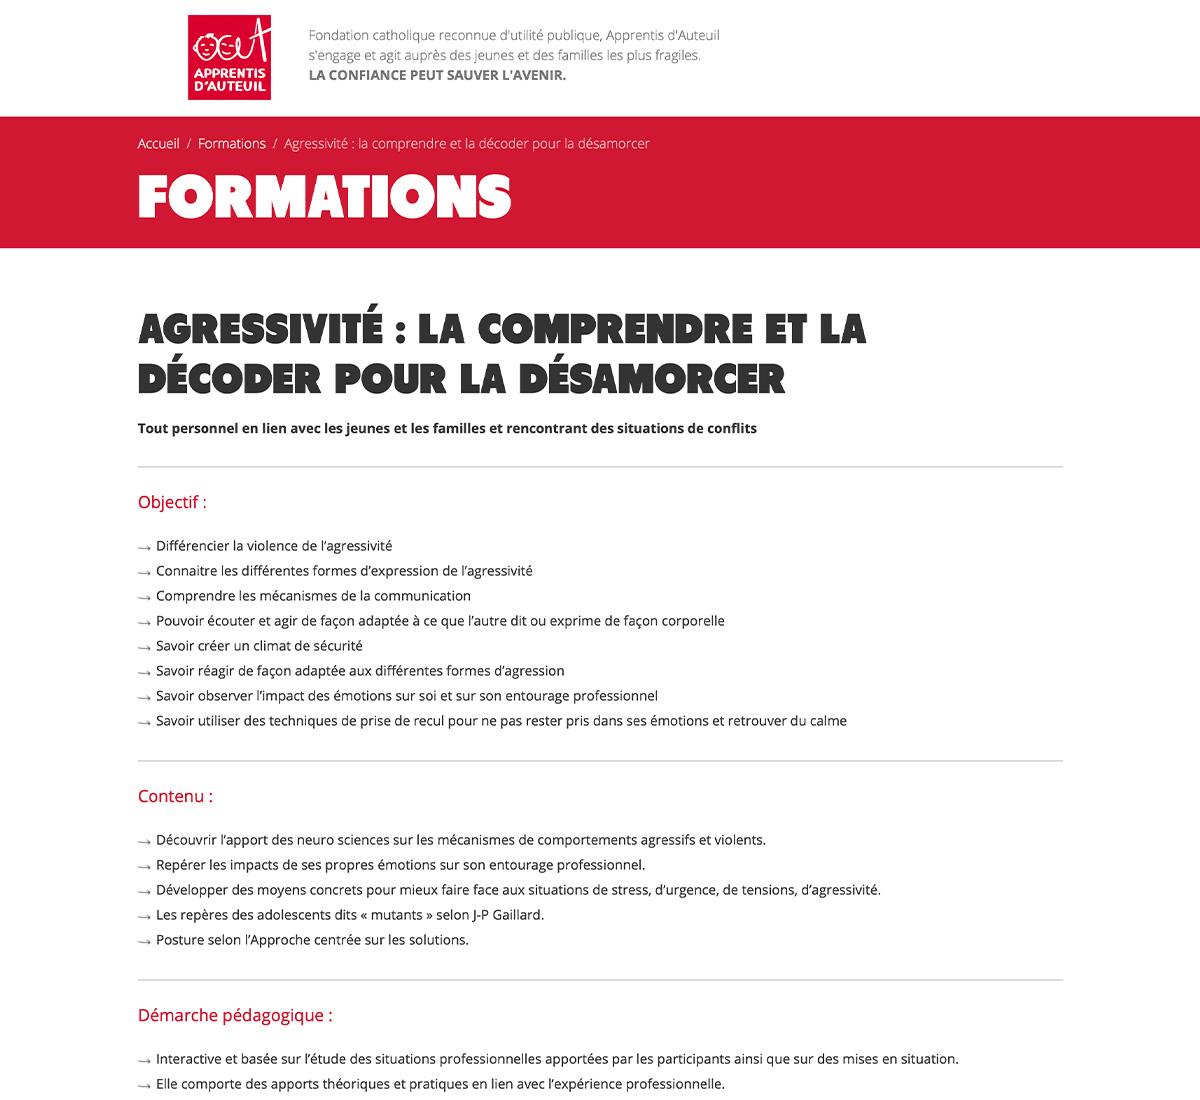 Apprentis Auteuil formation